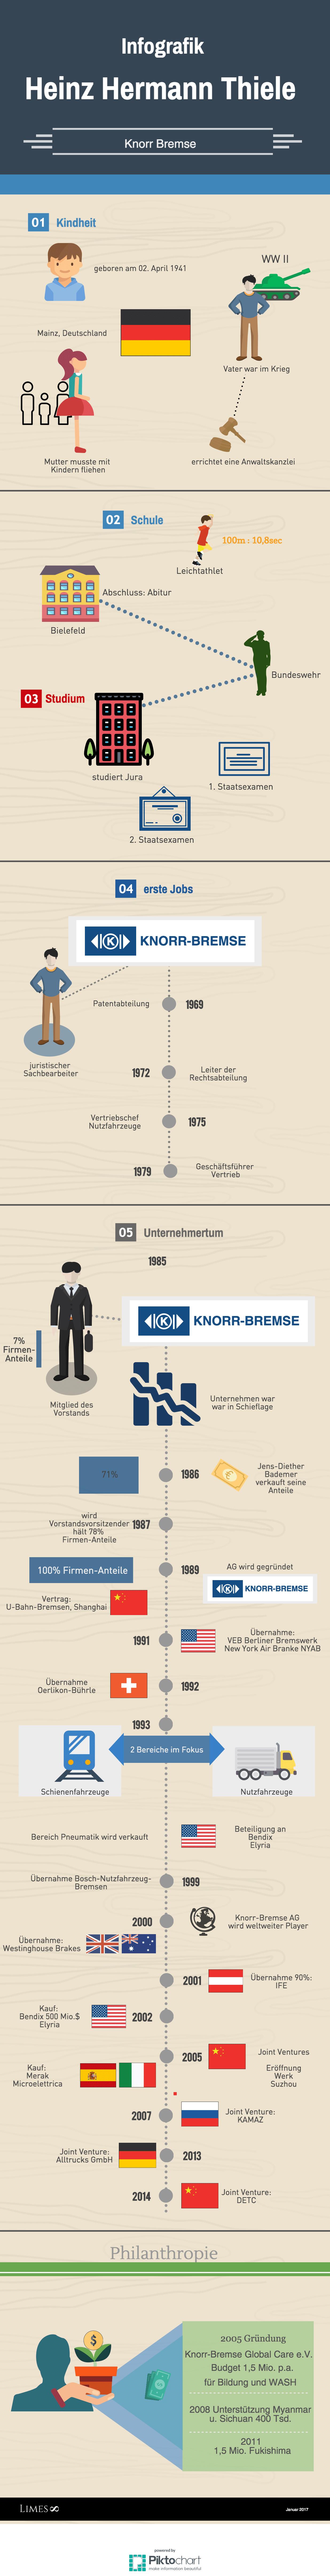 Informationsgrafik über den Bremsen-Milliardär Heinz Hermann Thiele